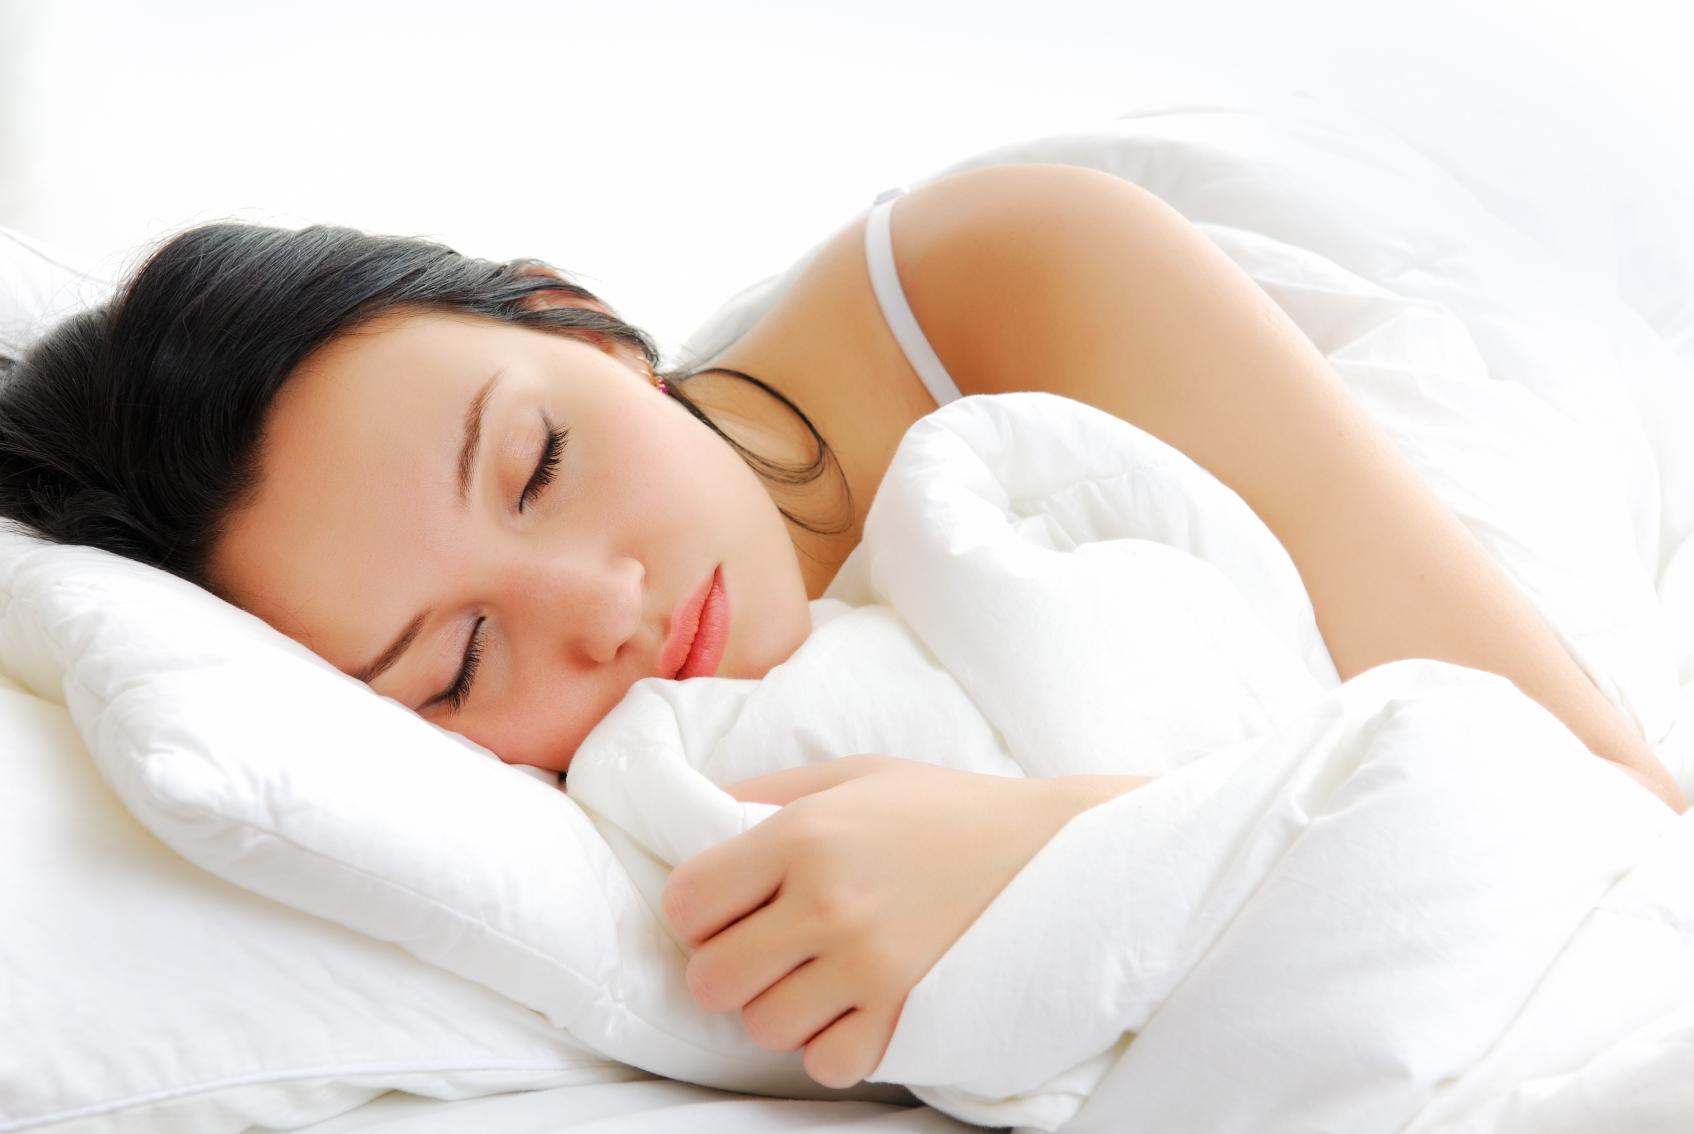 Спящая девушка на белом белье